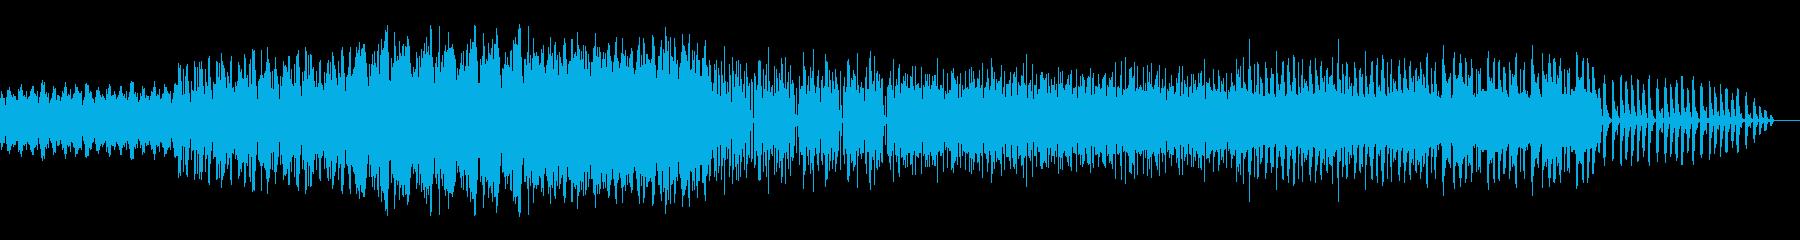 ダークでハードなダブステップの再生済みの波形